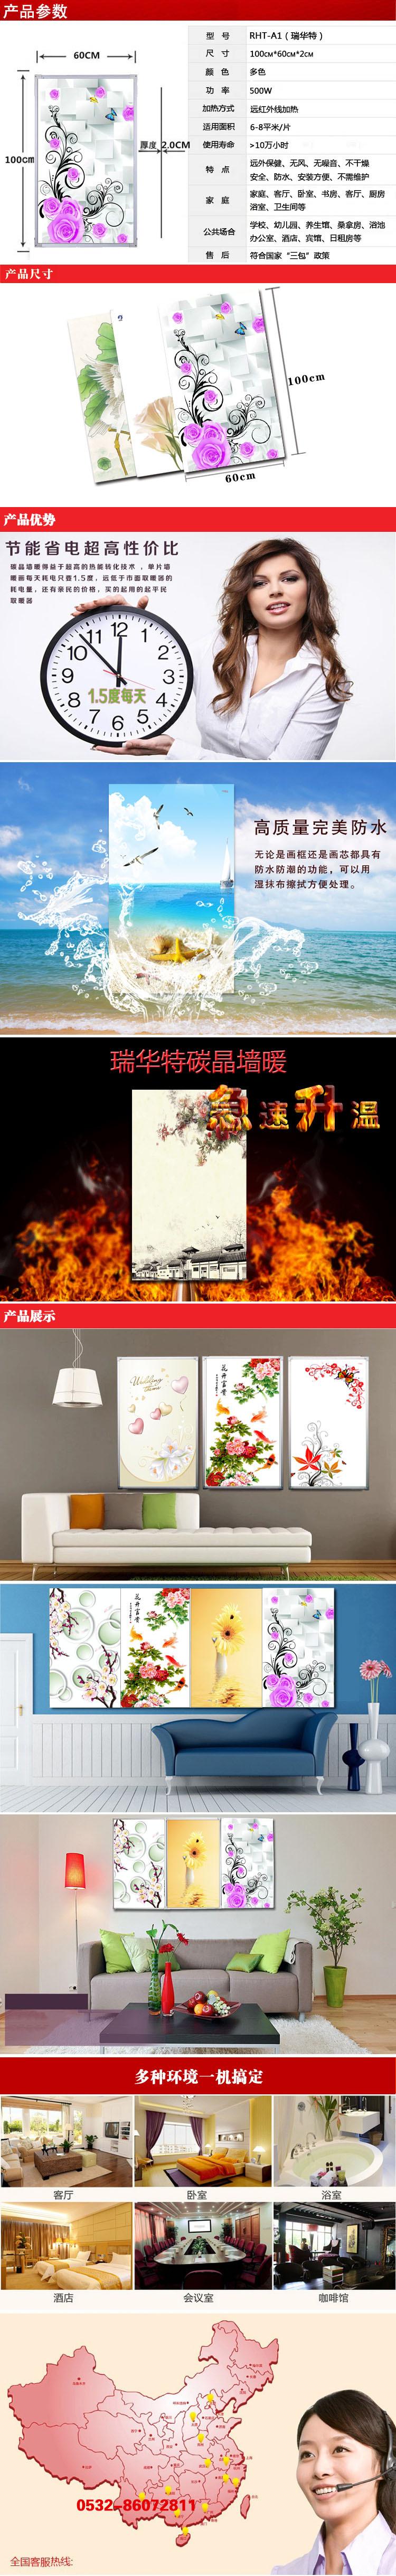 瑞华特 碳晶墙暖取暖器生产厂家 青岛暖气片取暖器 家用电